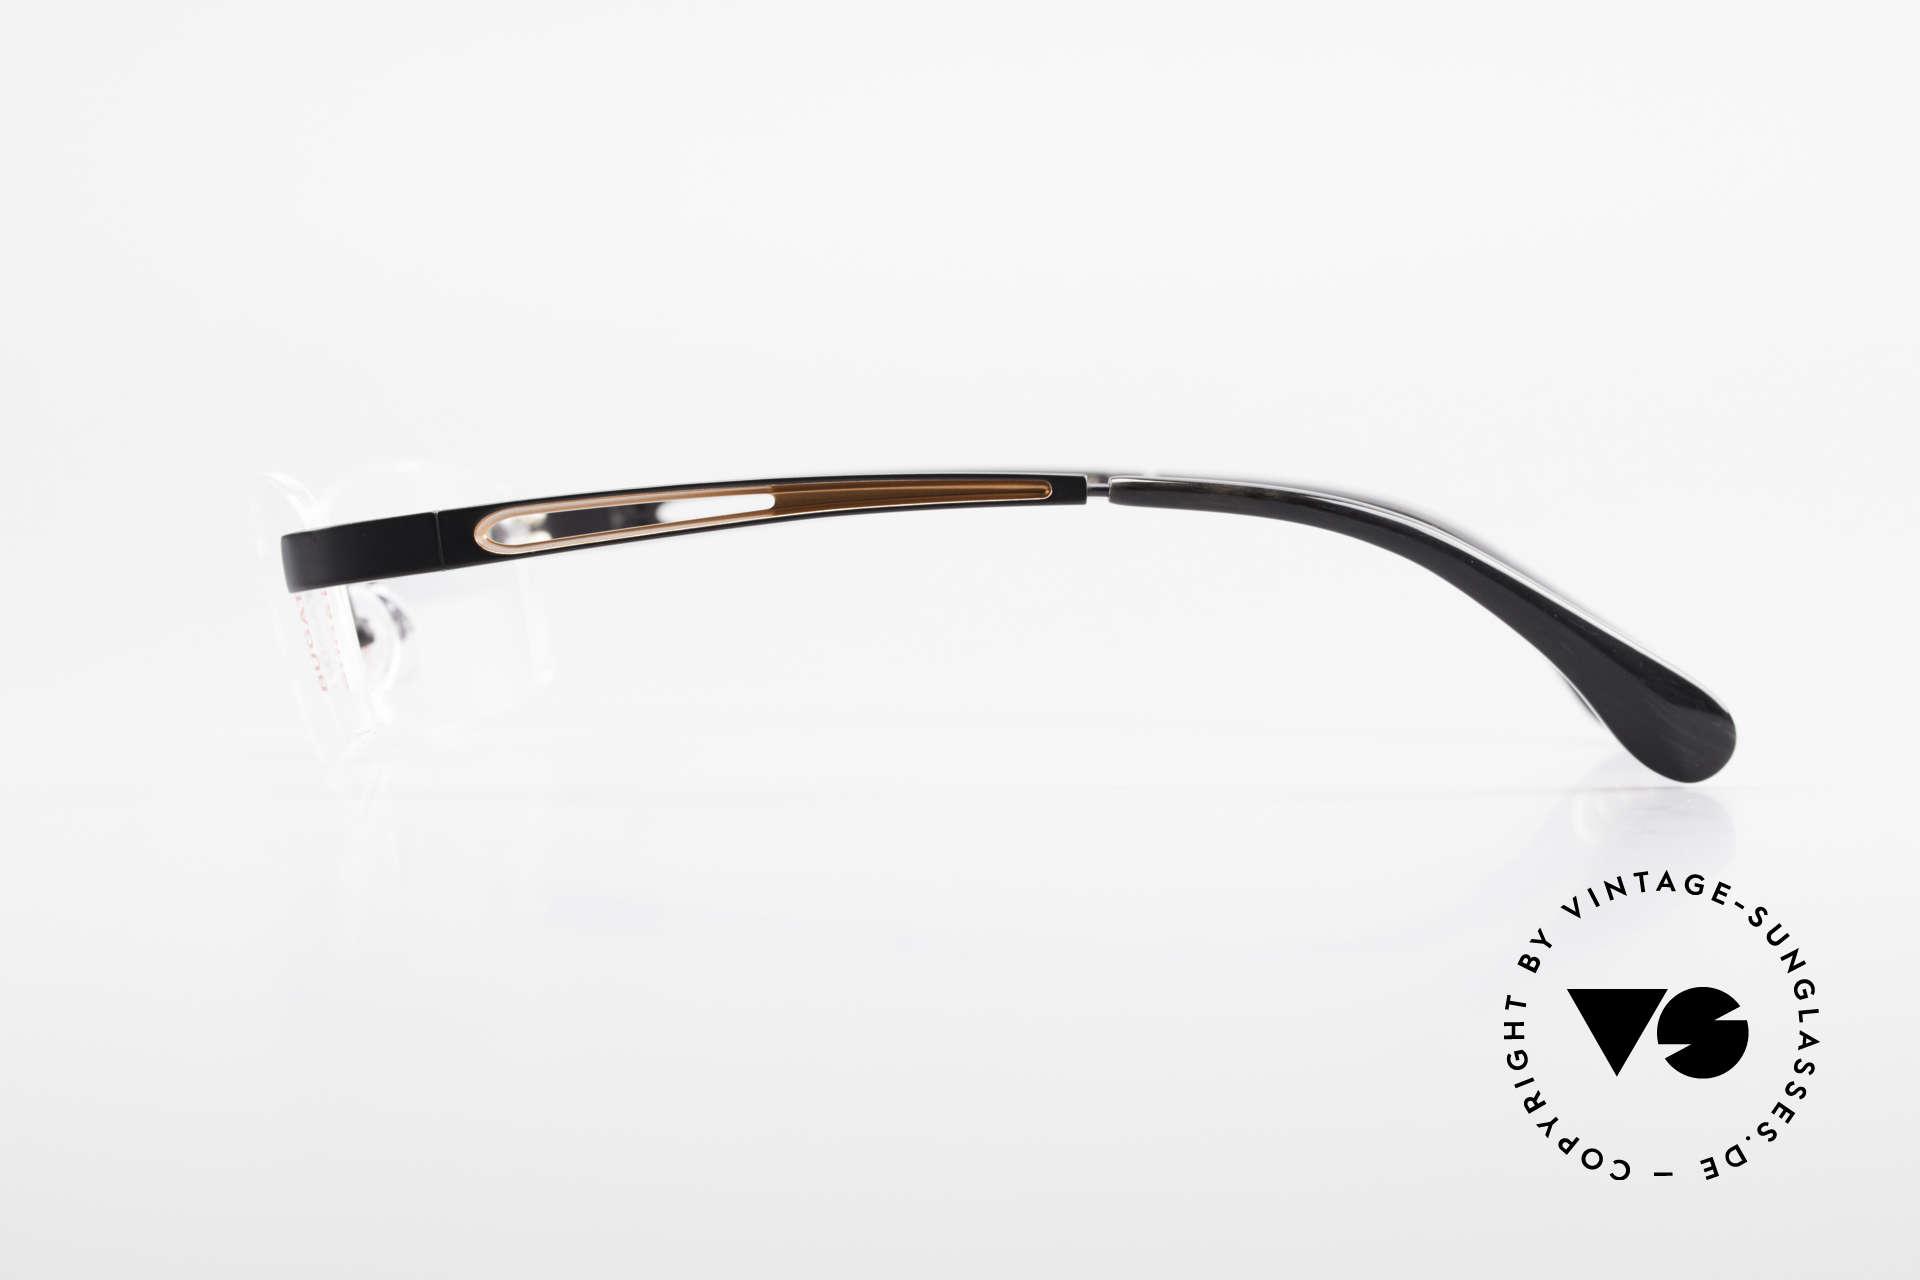 Bugatti 515 Rimless Designer Glasses Men, top-notch craftsmanship: satin black finished frame, Made for Men